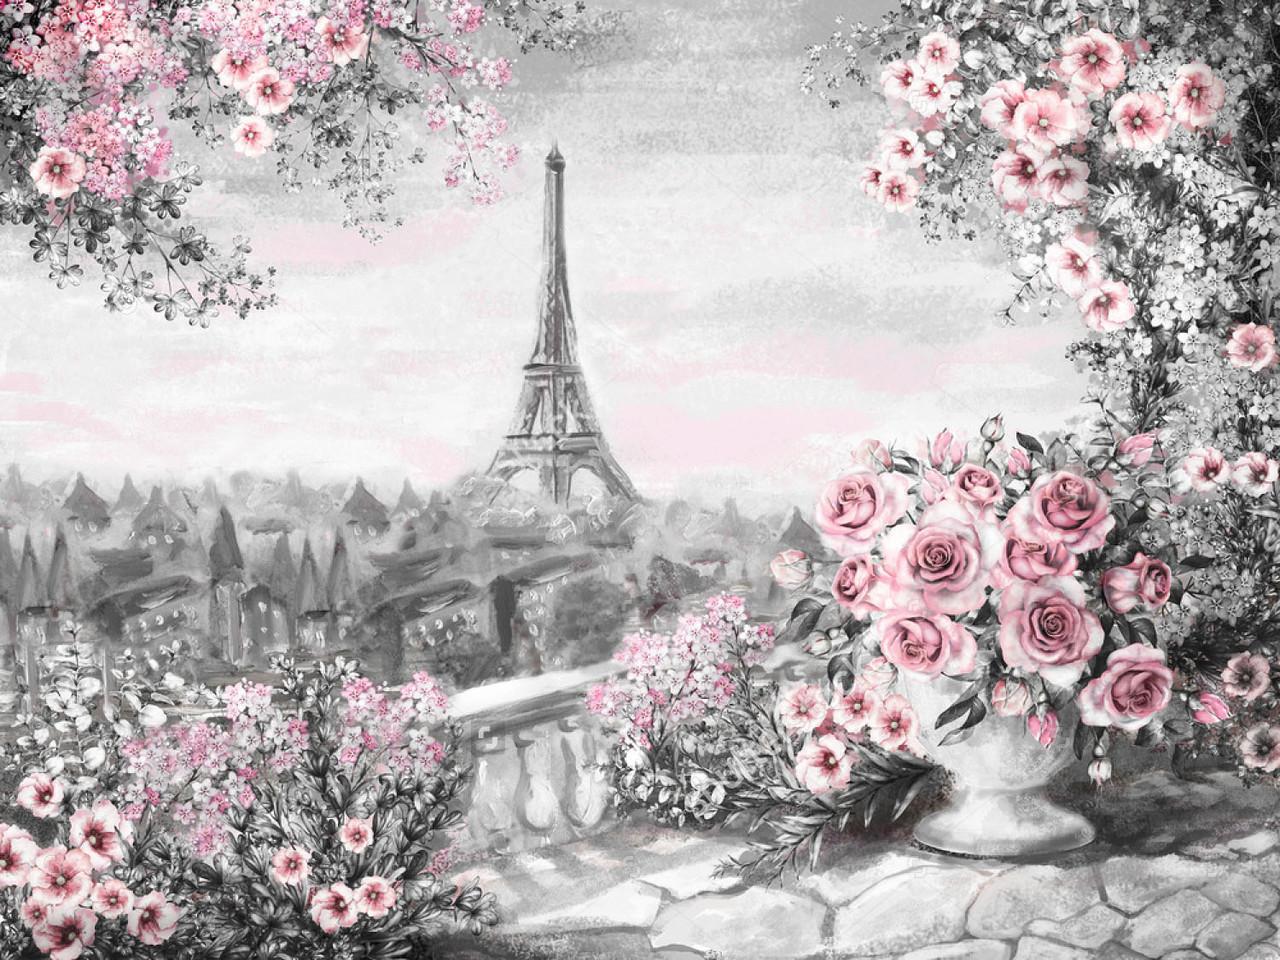 Алмазная мозаика Красота парижа 40x30см DM-148 Полная зашивка. Набор алмазной вышивки